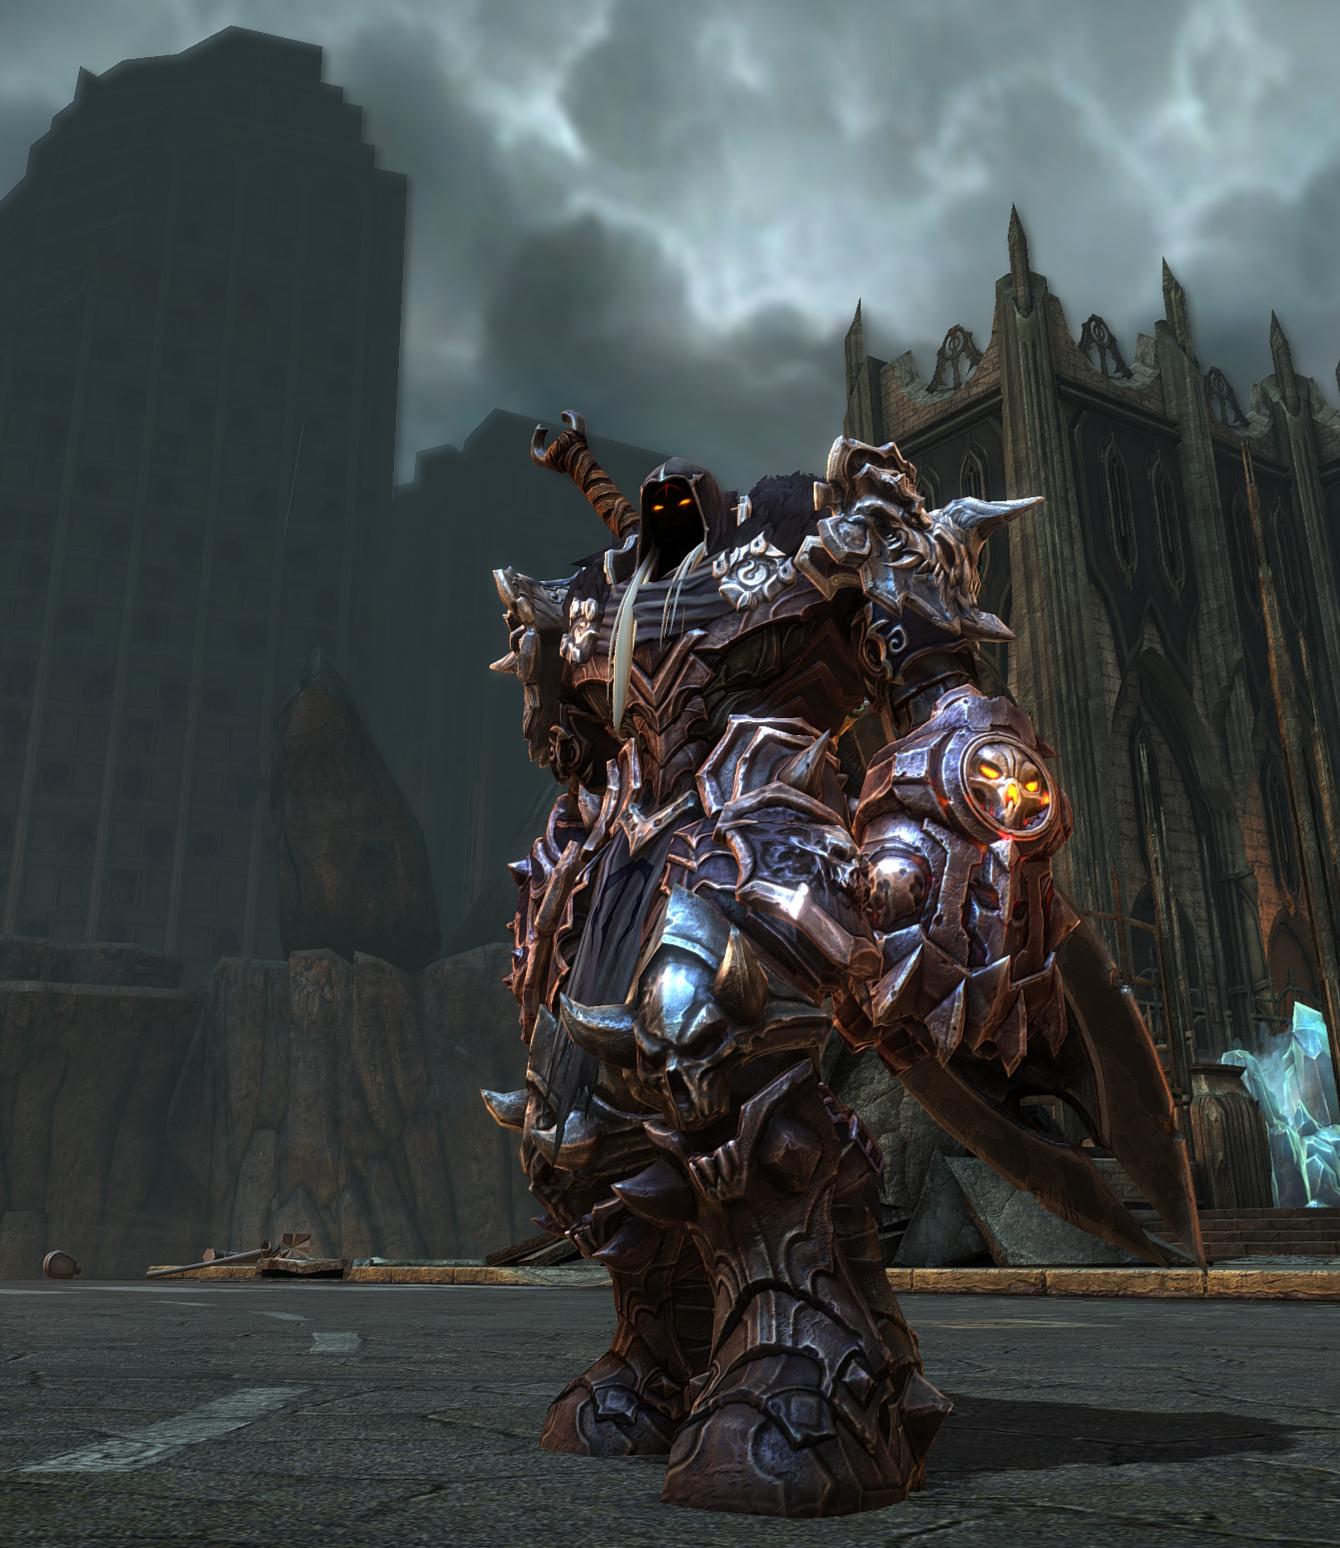 Abyssal Armor | Darksiders Wiki | FANDOM powered by Wikia